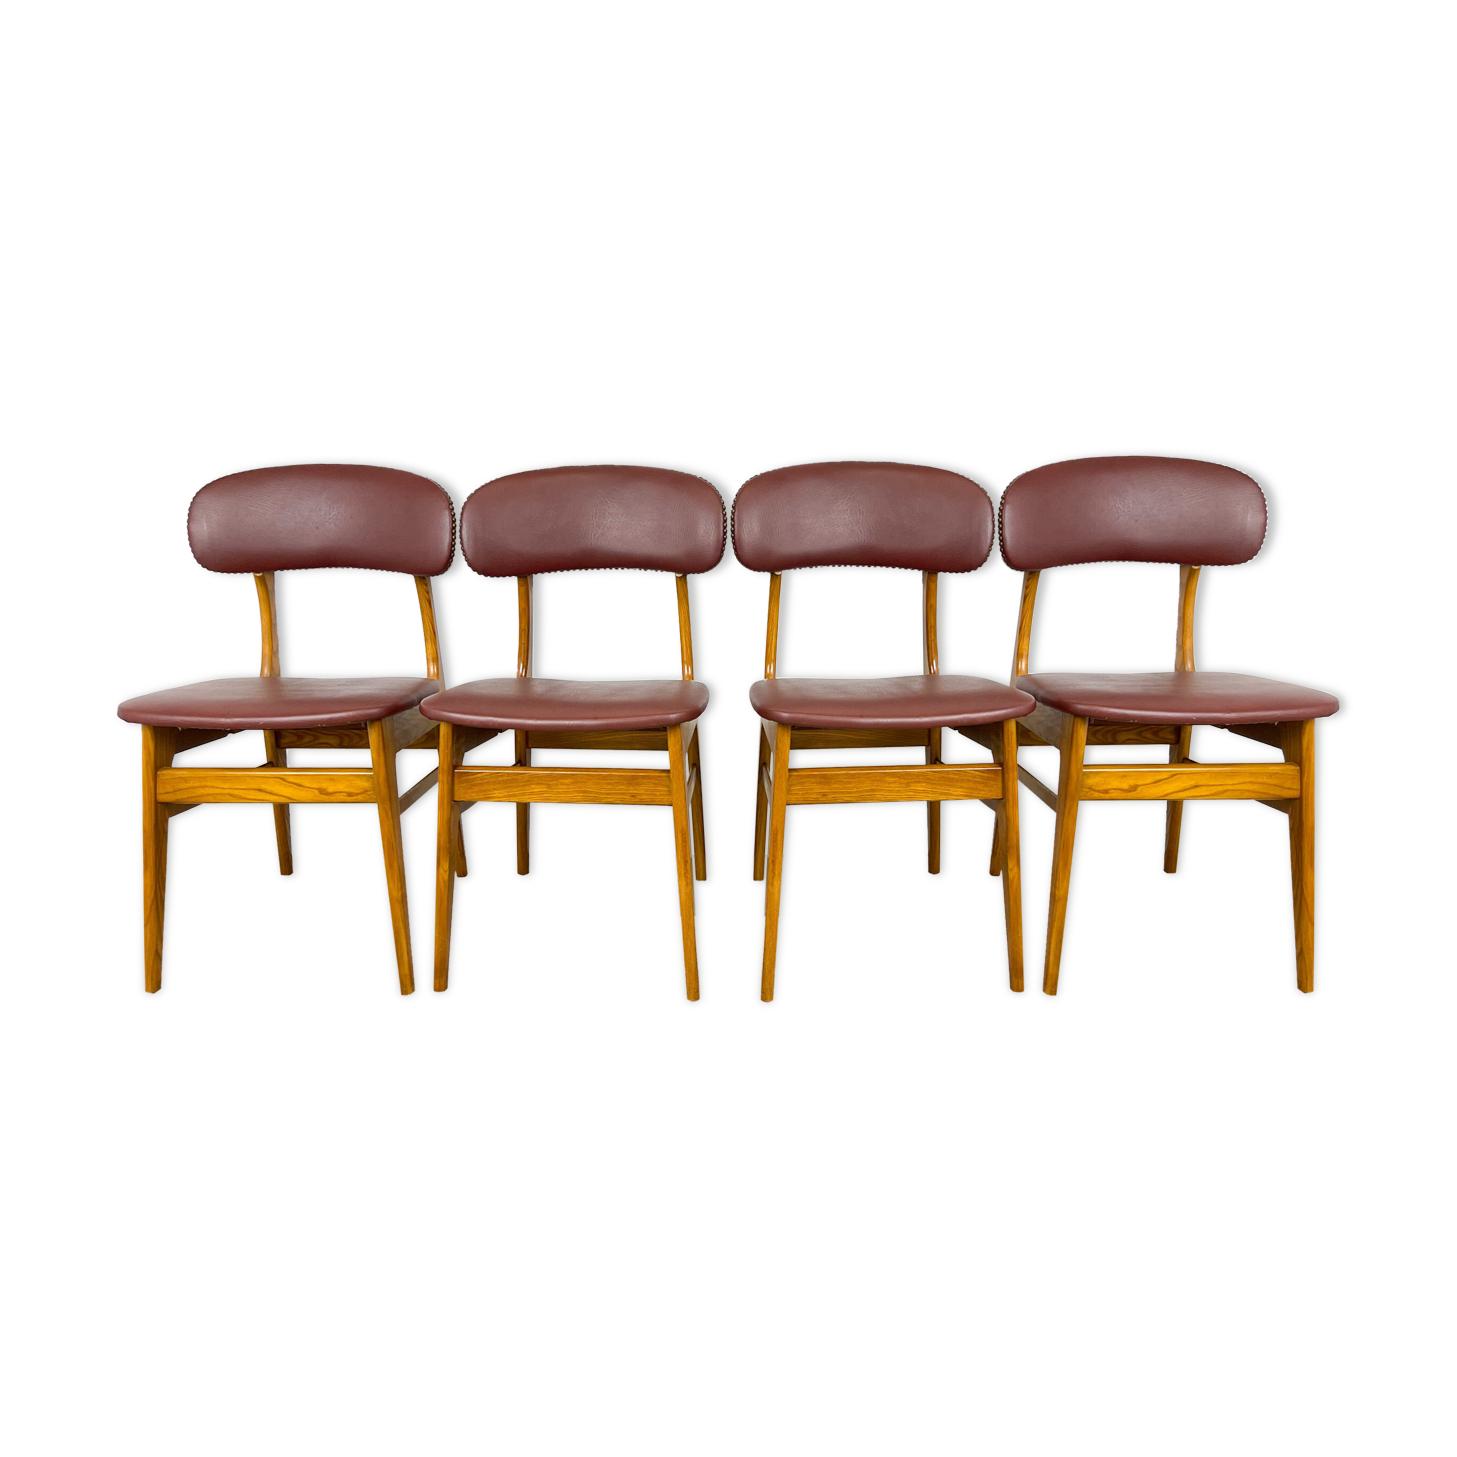 Chaises de salle à manger avec similicuir rouge rétro